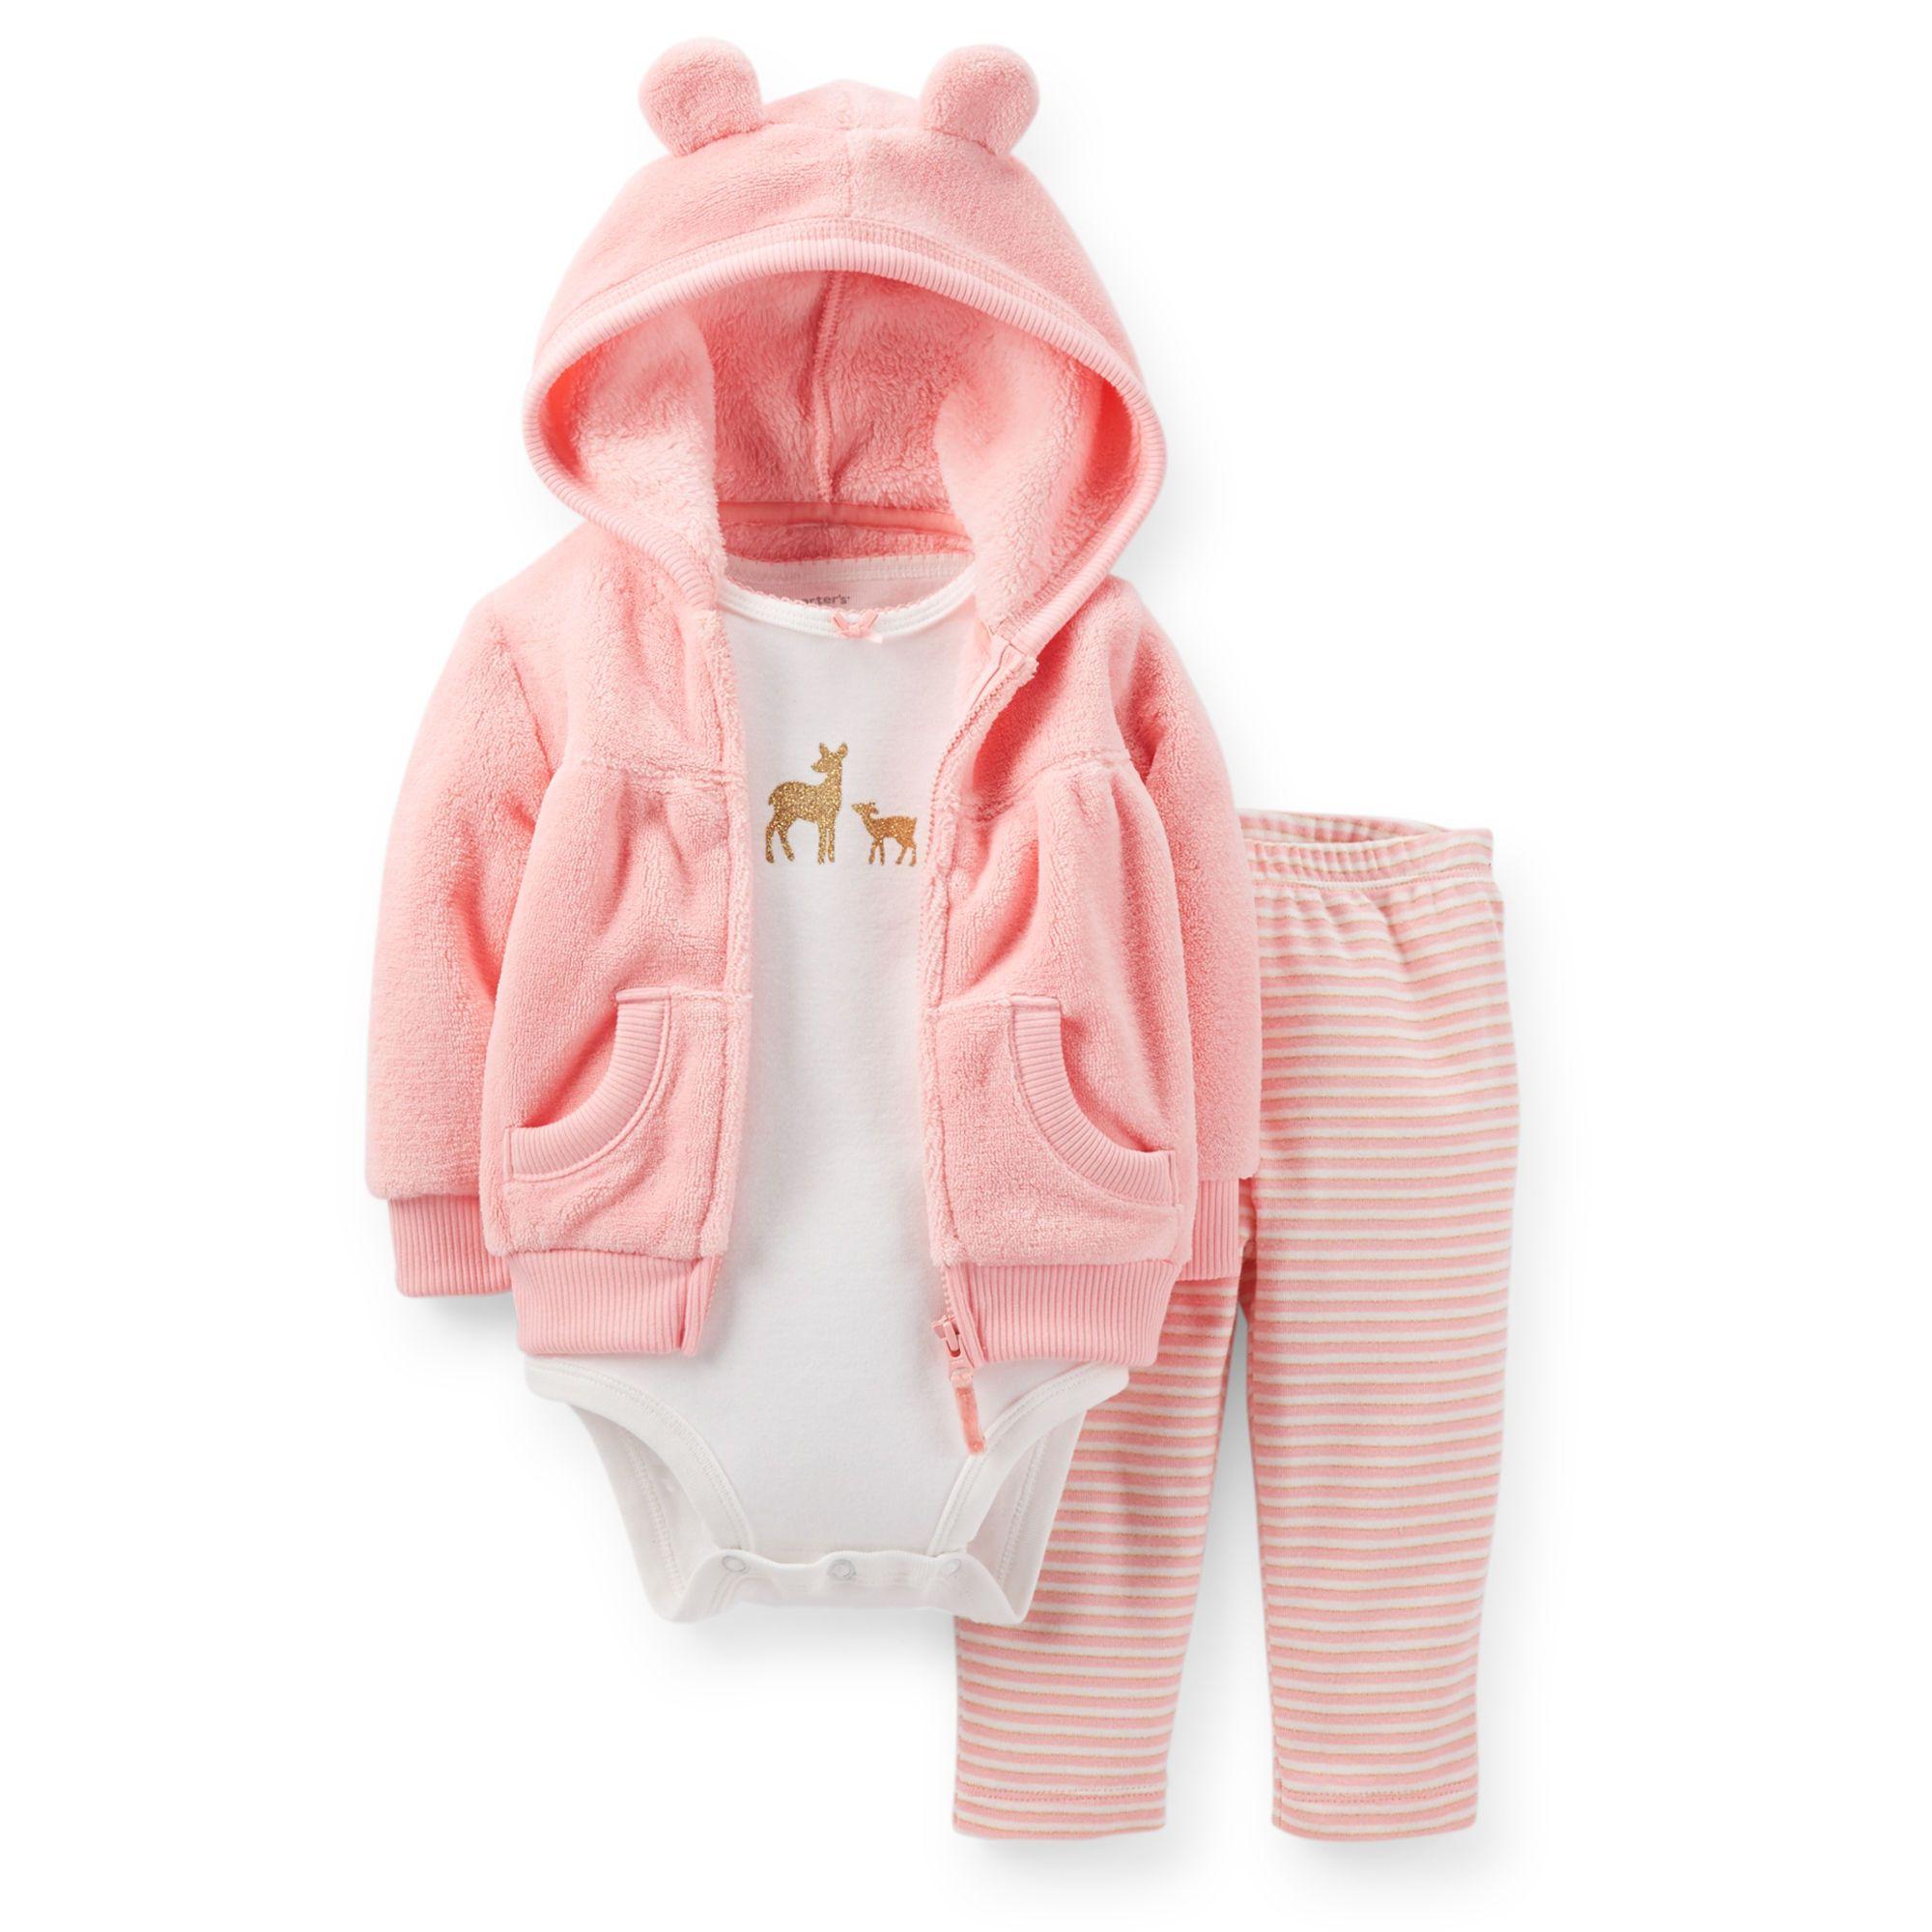 8fc0eda74 3-Piece Velboa Hooded Cardigan Set